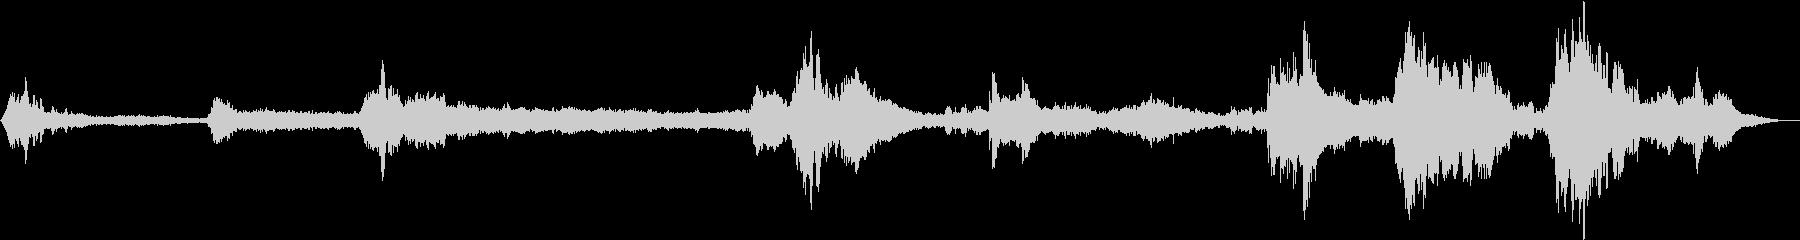 銀河電波-複雑な無線静的高ピッチテ...の未再生の波形